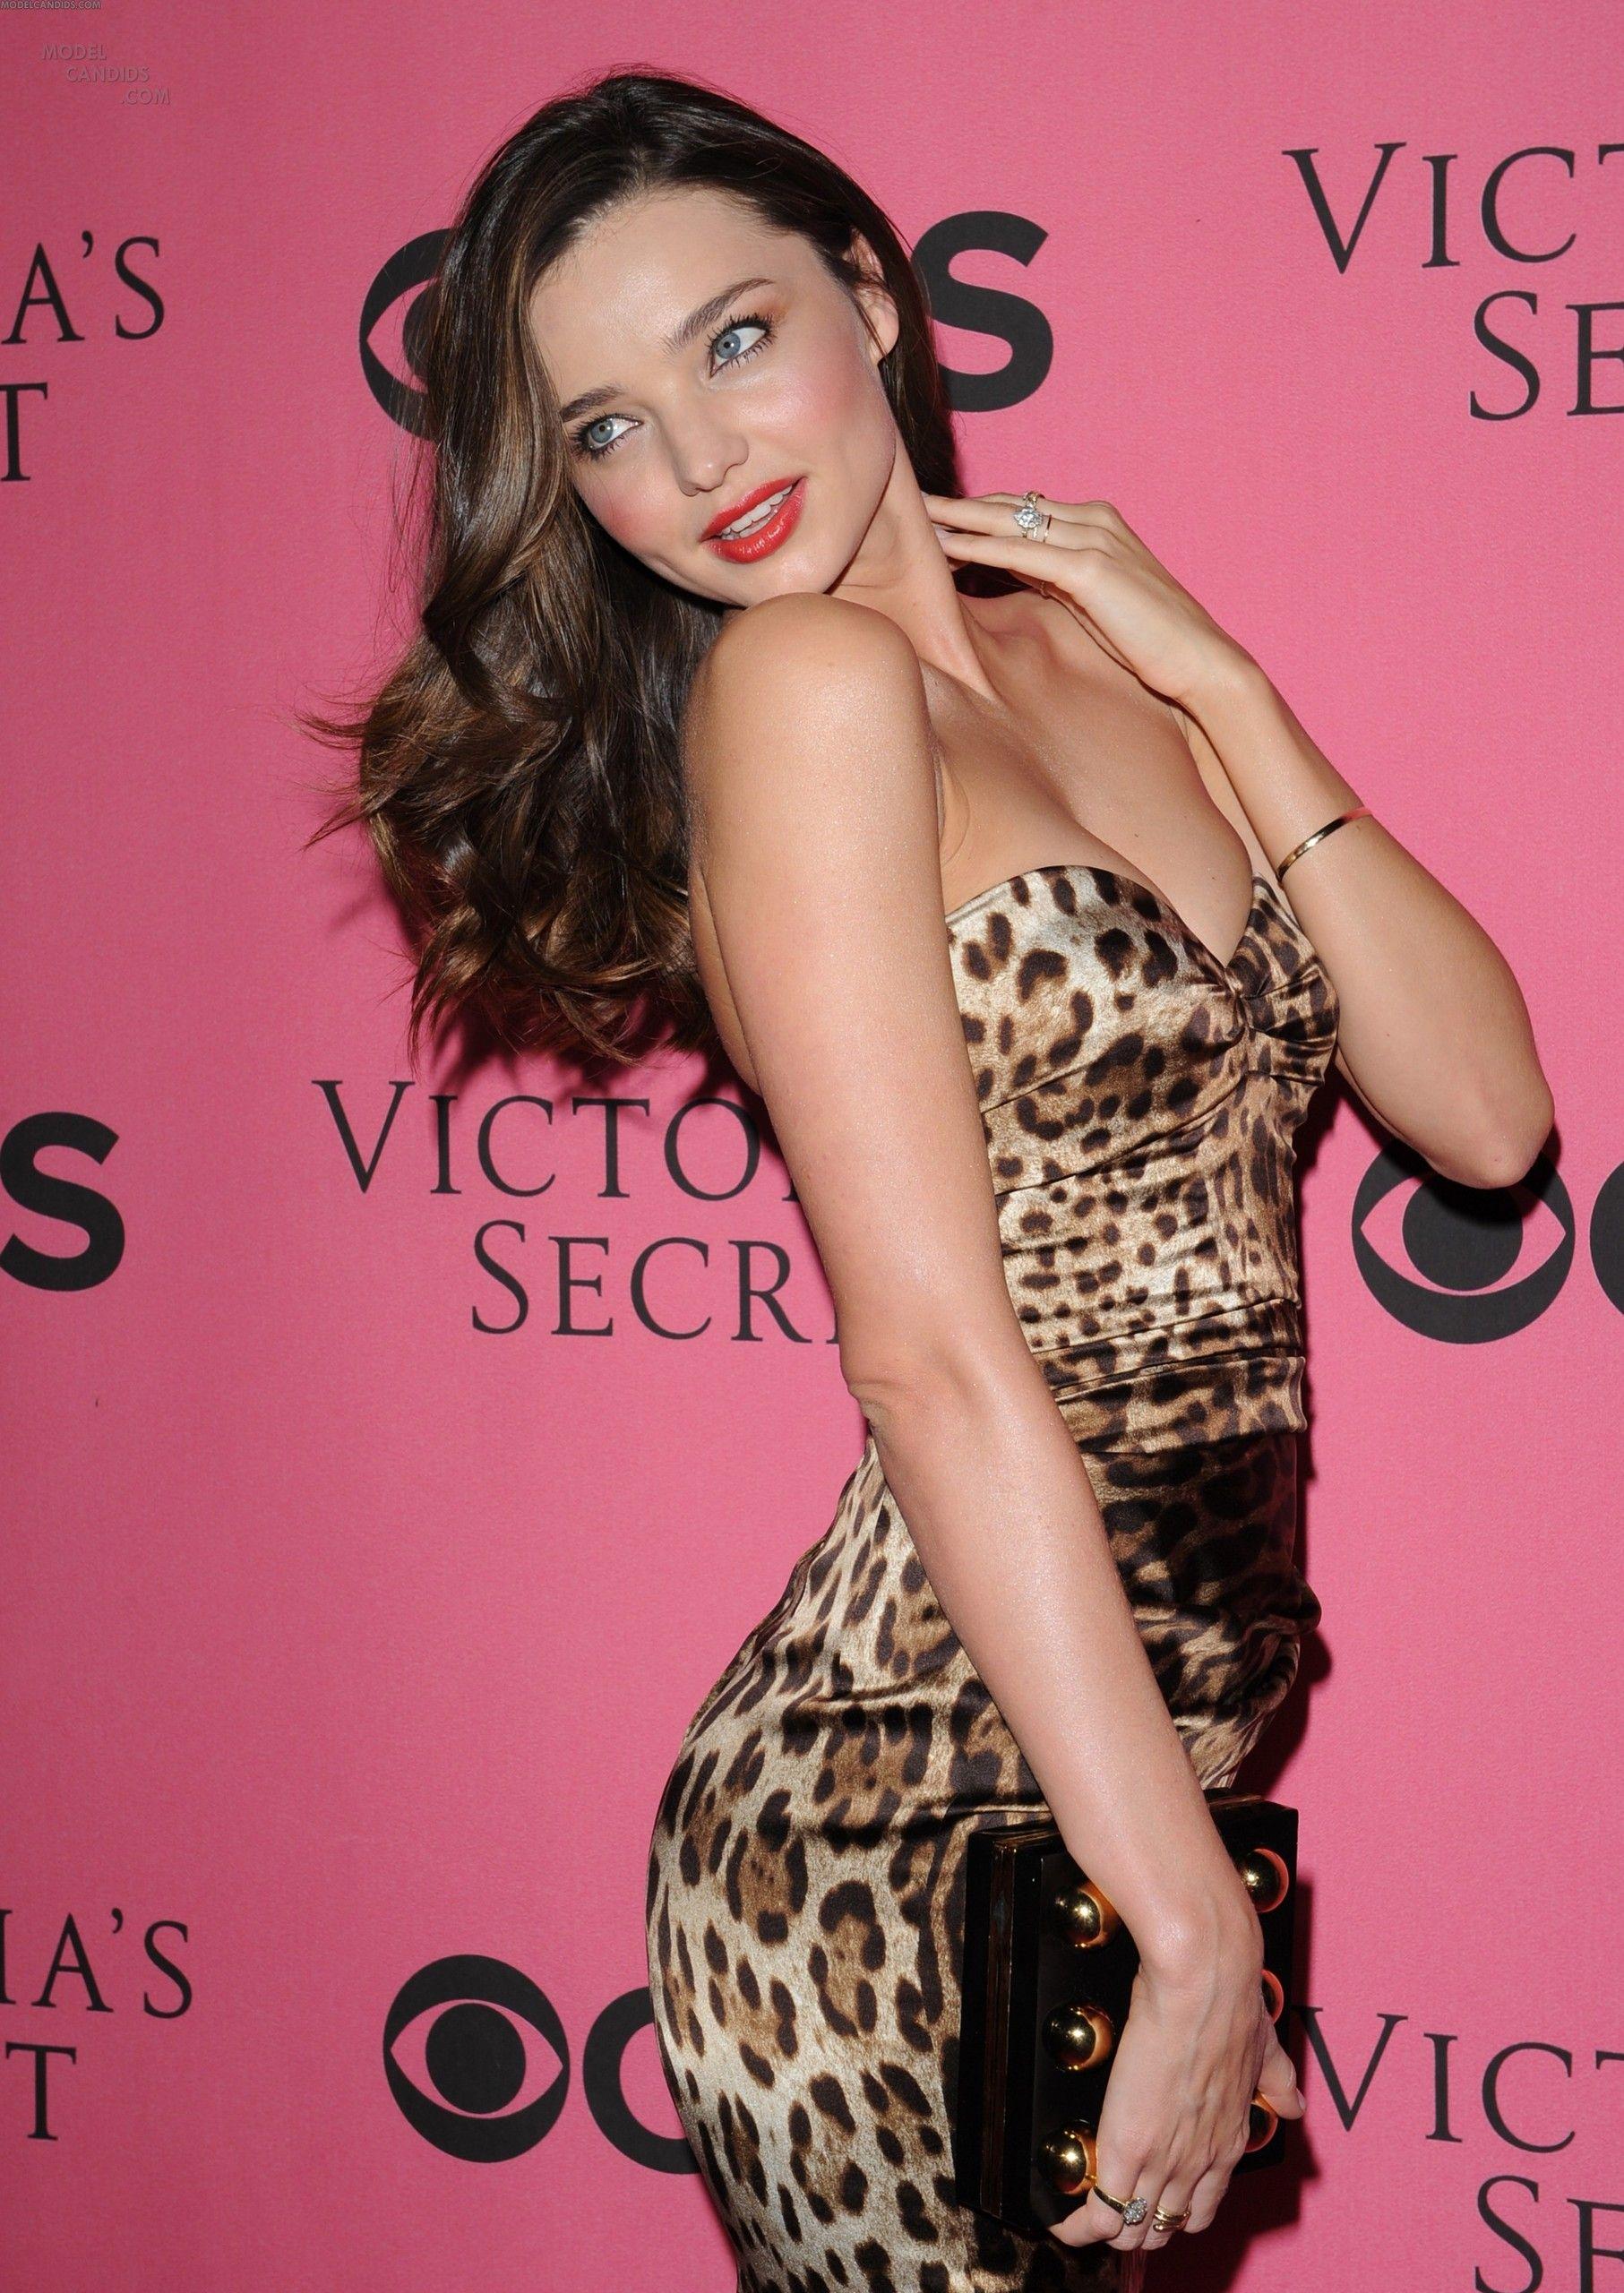 victoria secret after party 2008 - Sök på Google | Miranda | Pinterest